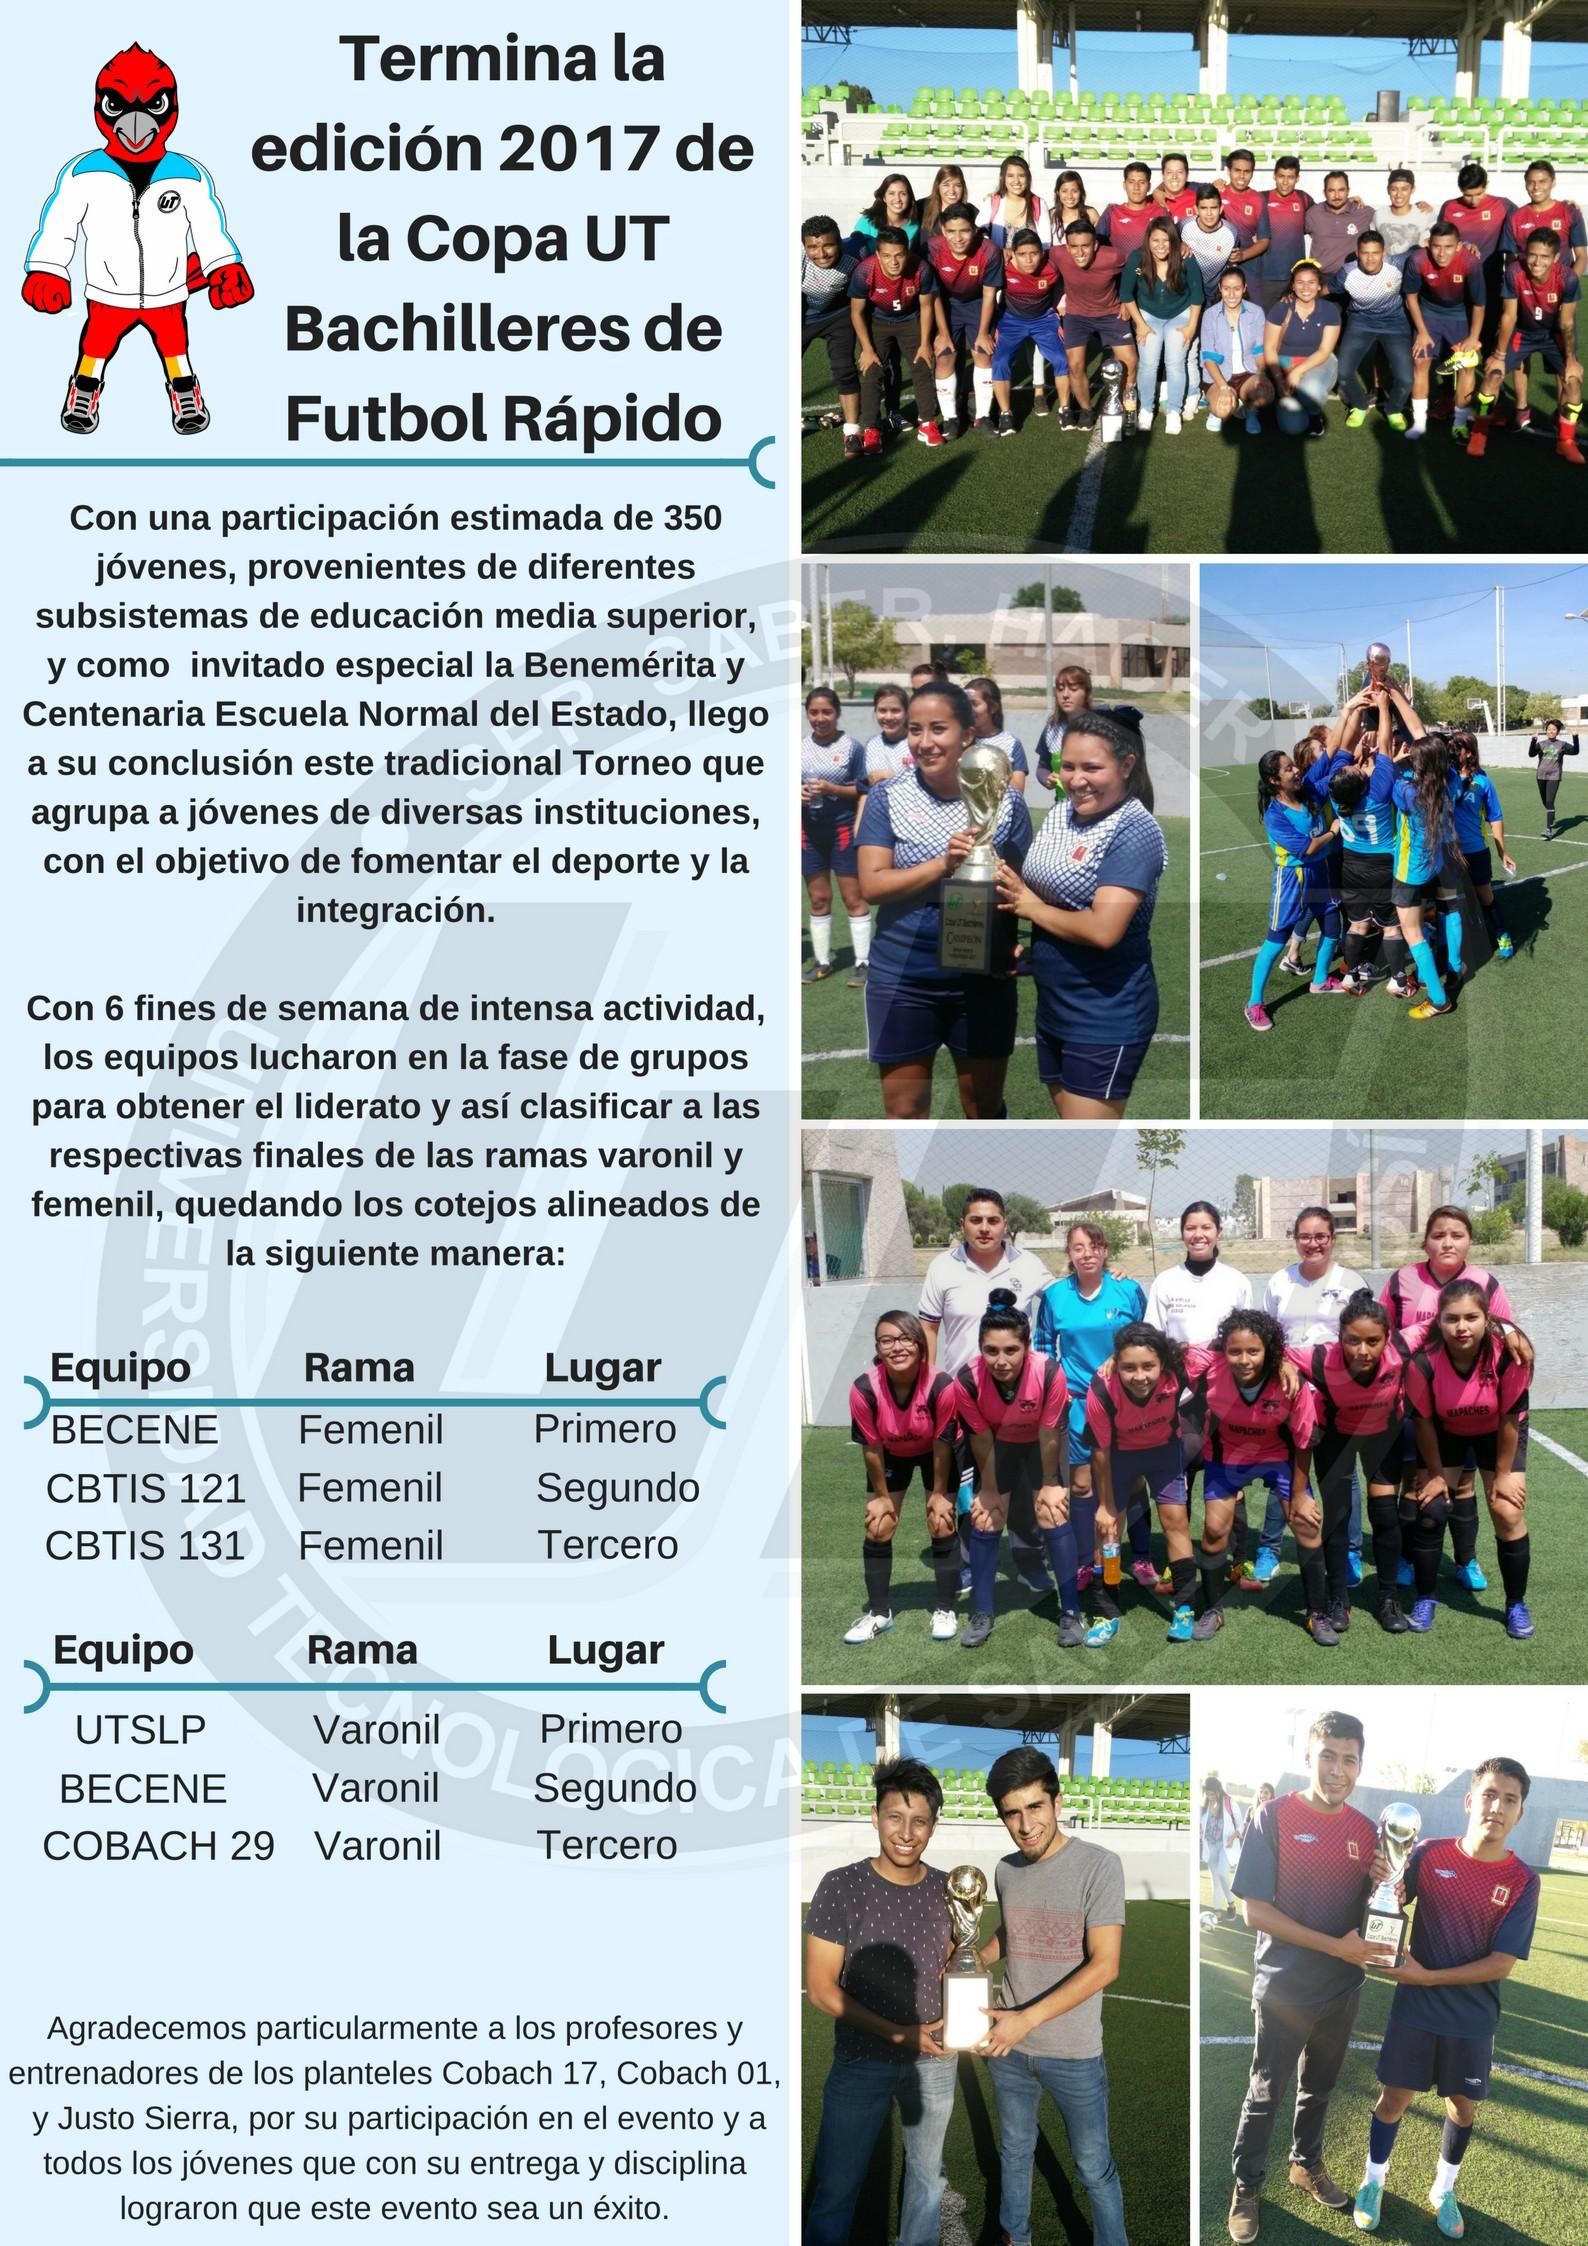 Copa UT Bachilleres (2)